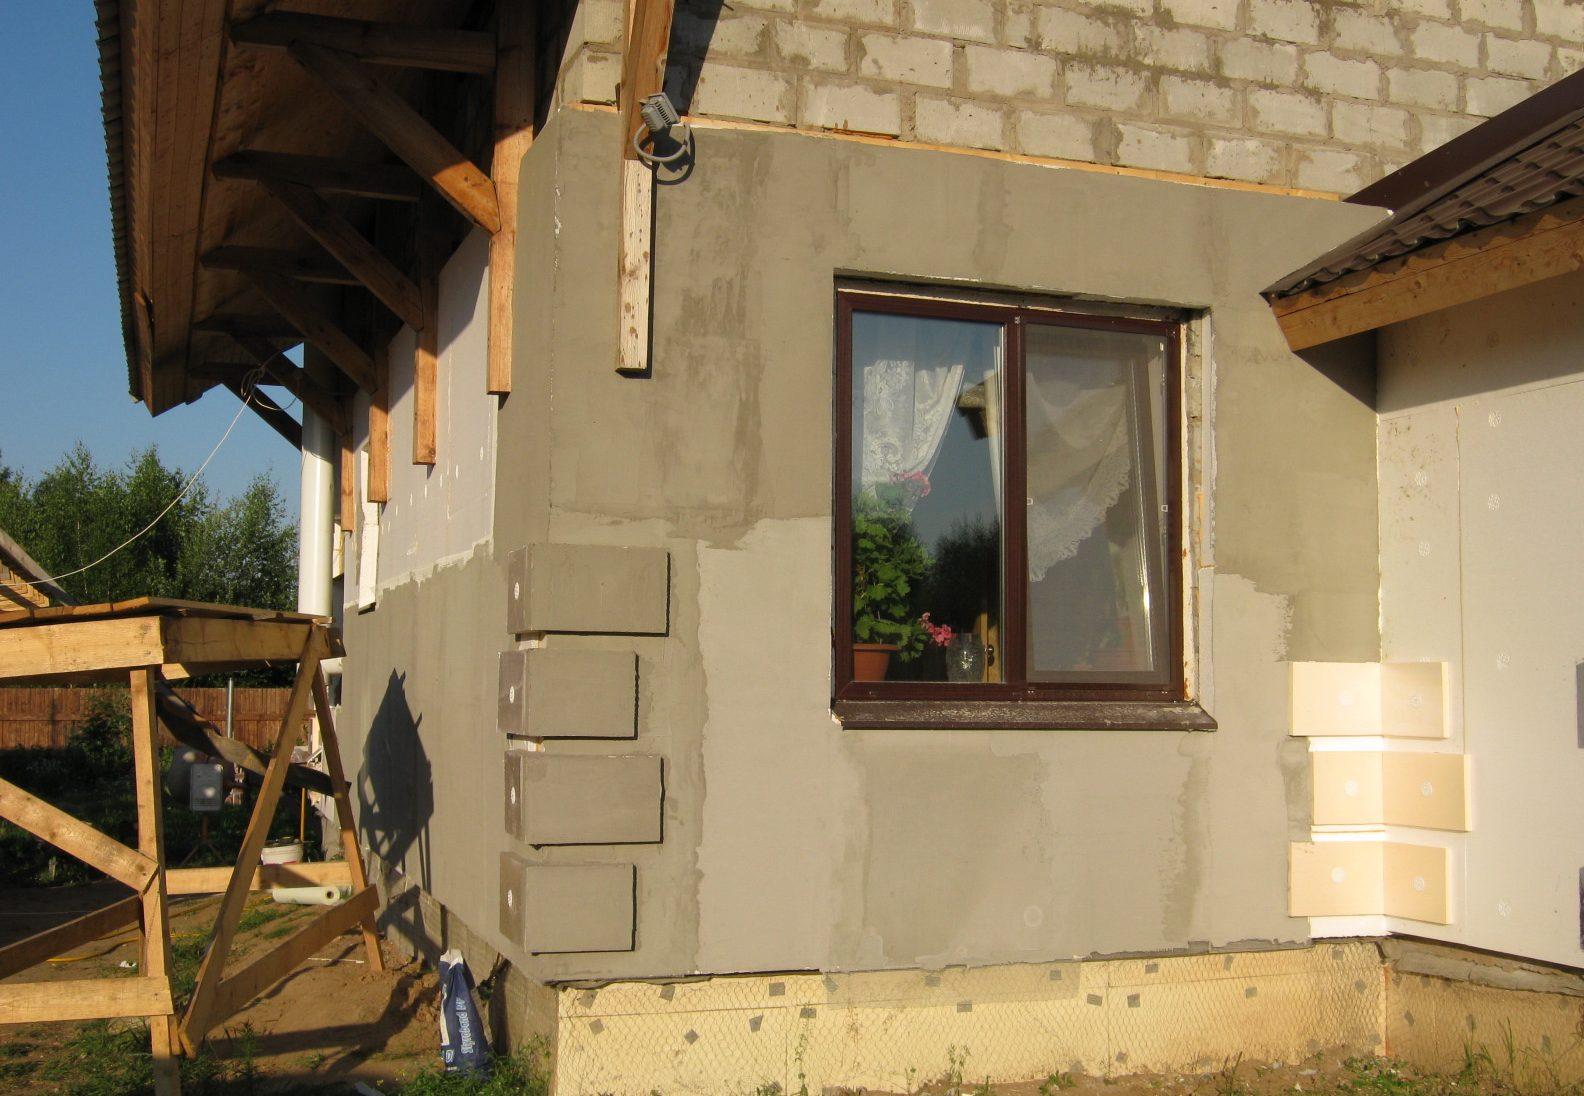 есть другие отделка фасада дома своими руками фото душевный, глубокий голос